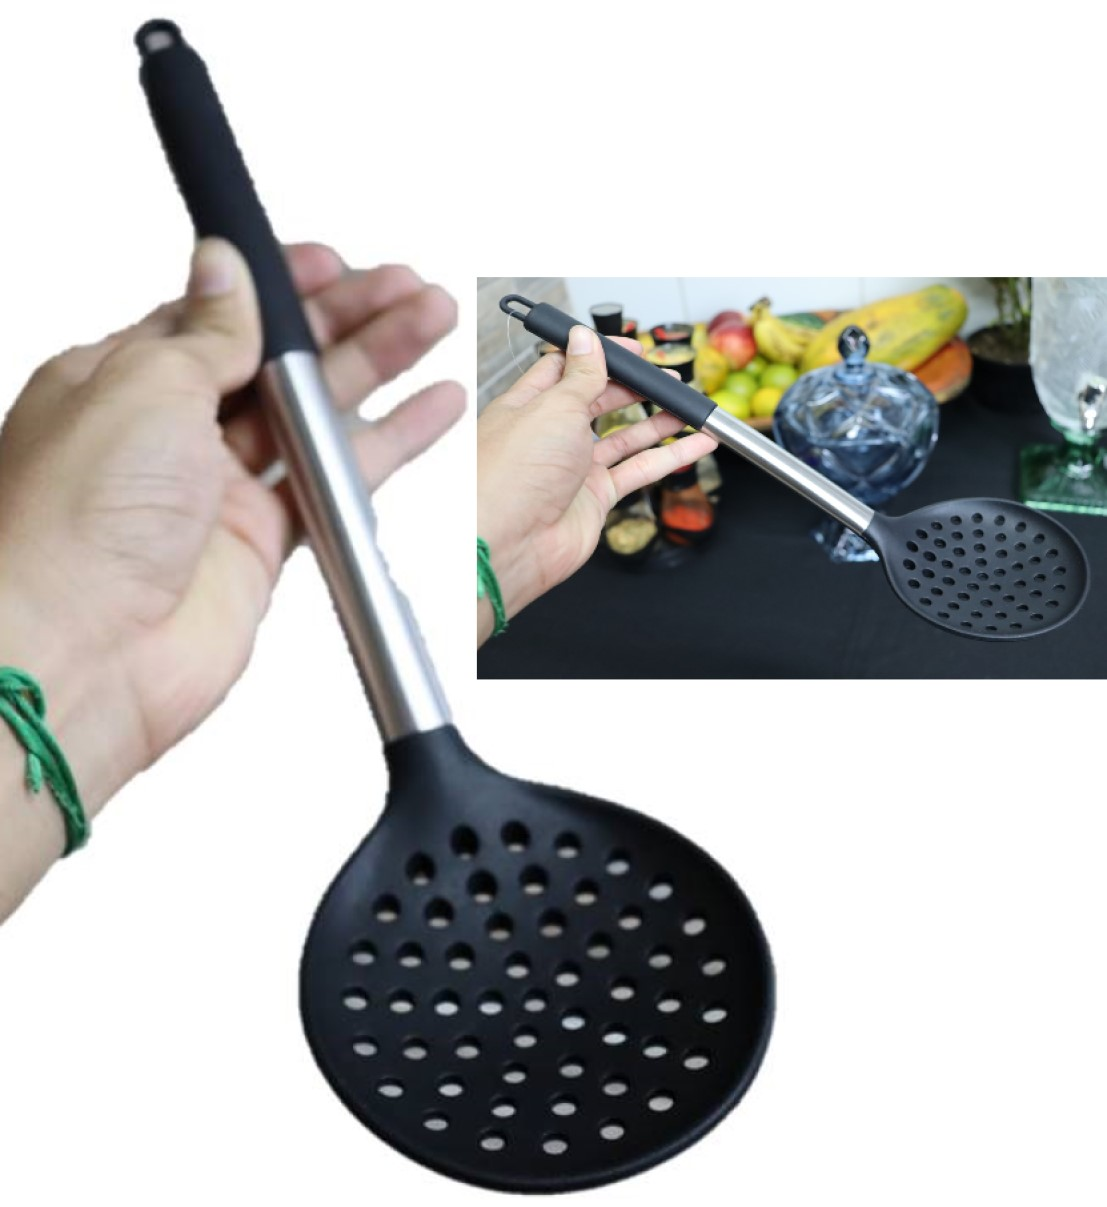 Escumadeira de silicone espumadeira para frituras pastel vazada inox  34cm utensílios de cozinha preta